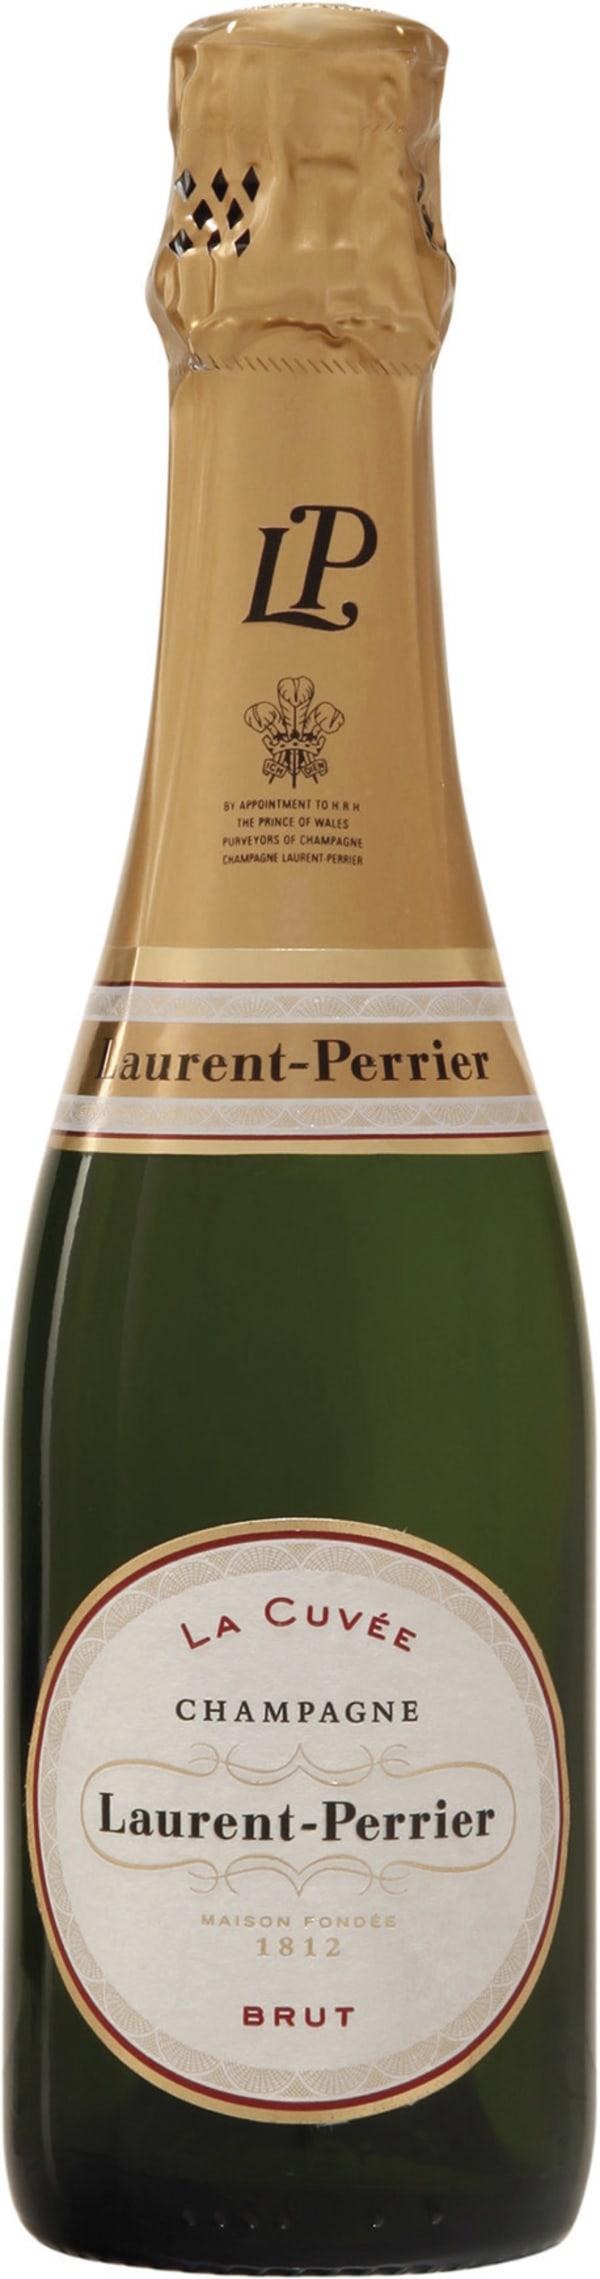 Laurent-Perrier La Cuvée Brut